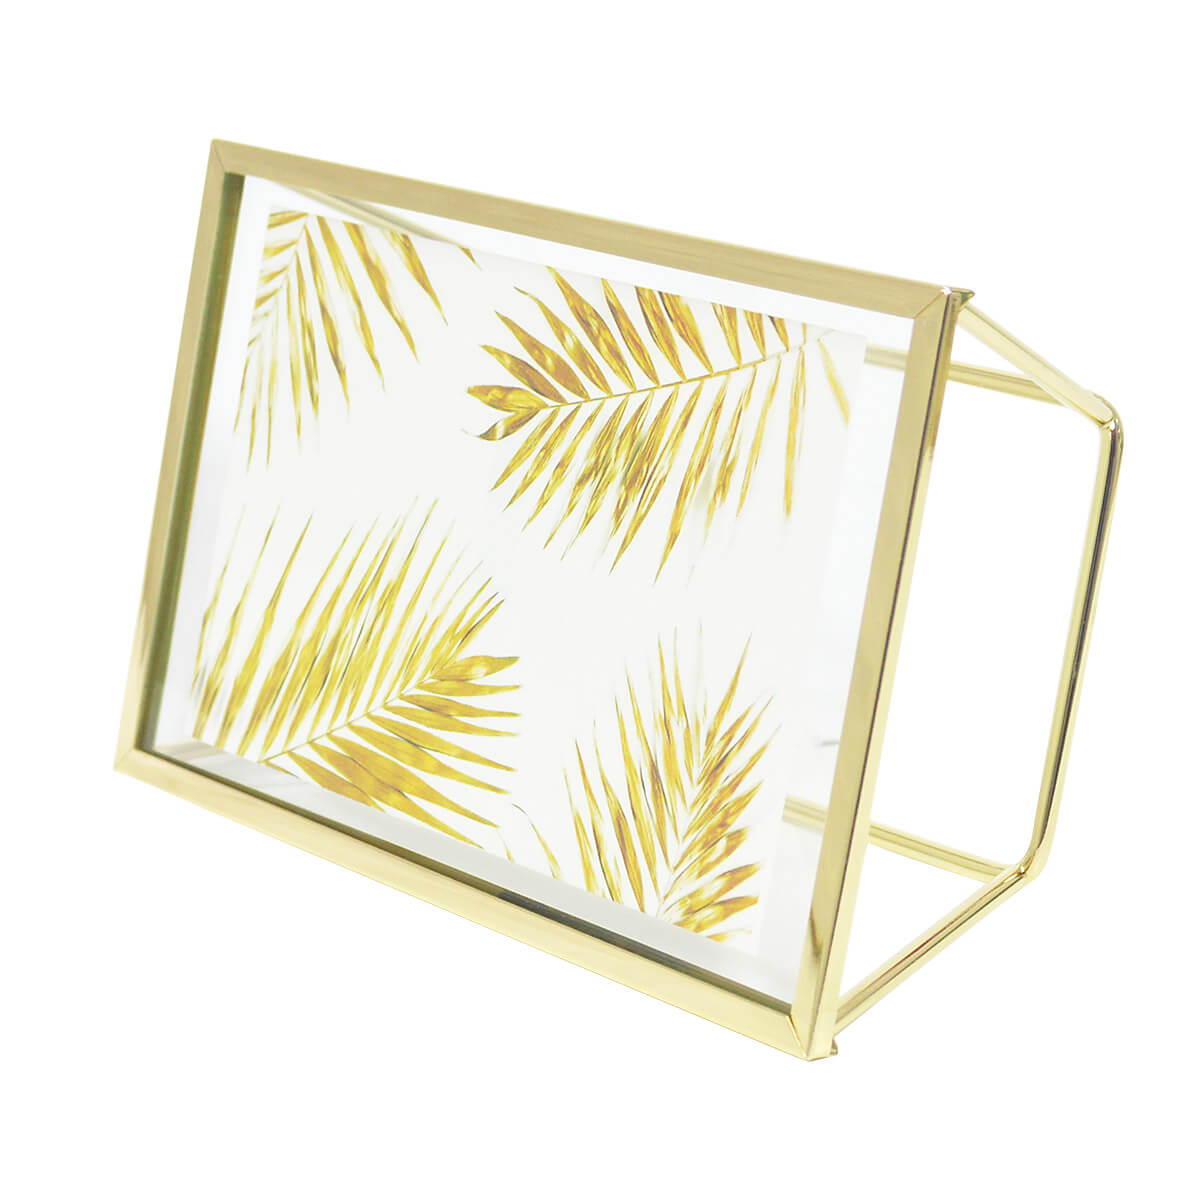 Porta Retrato Elegante Metal Rosegold ou Dourado 10x15